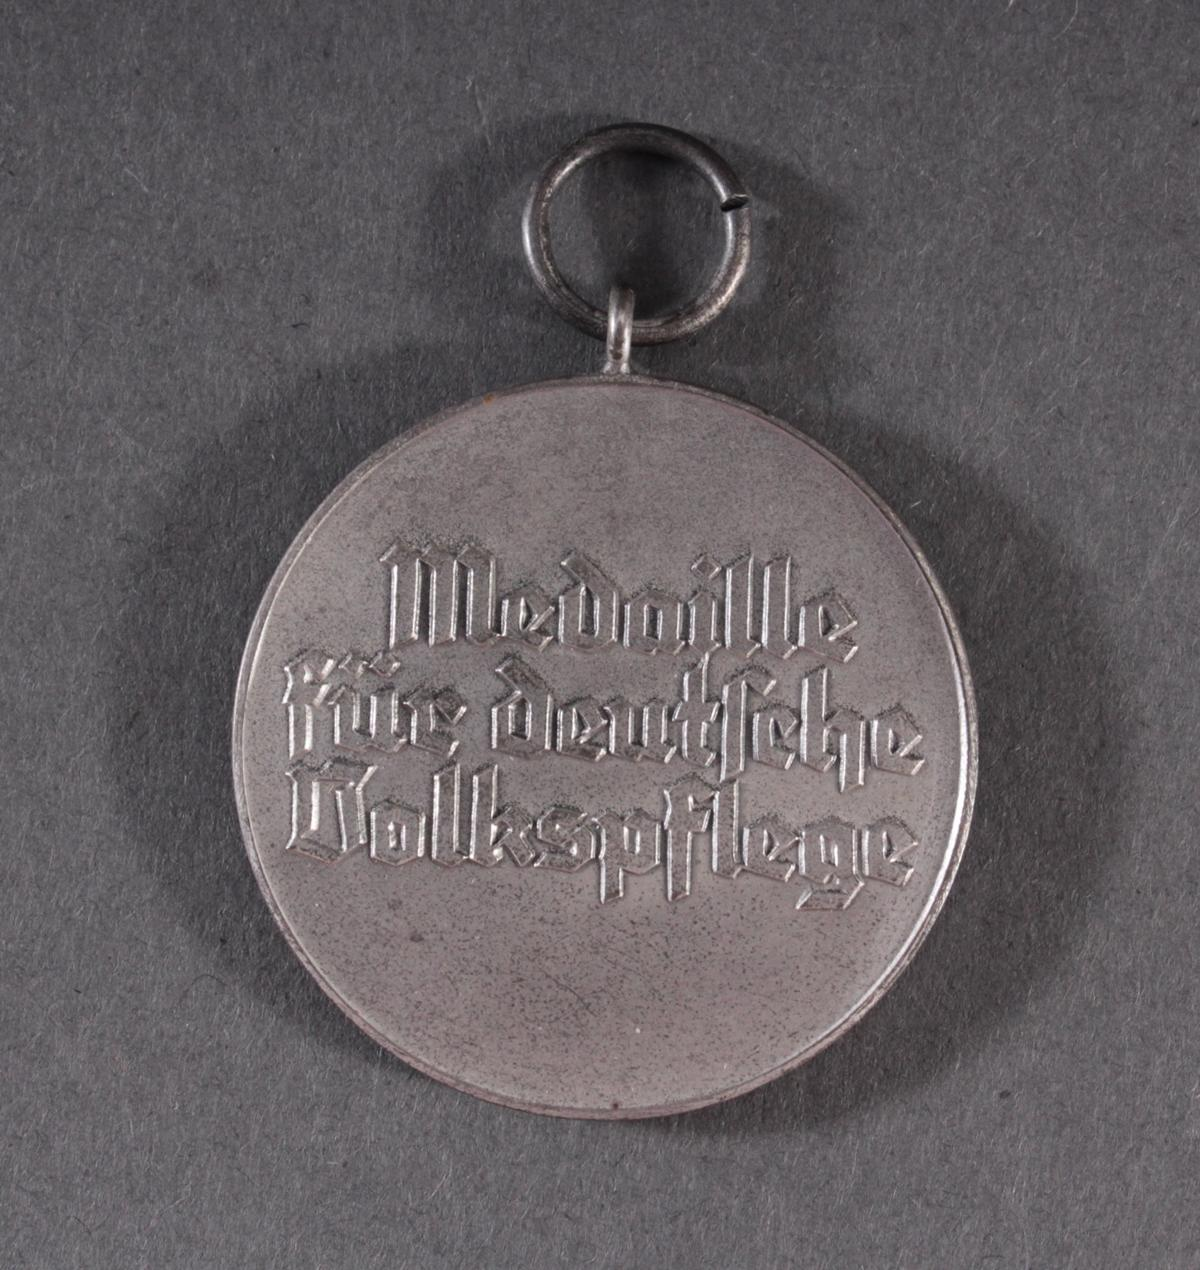 Ehrenzeichen für deutsche Volkspflege vom 1. Mai 1939-2